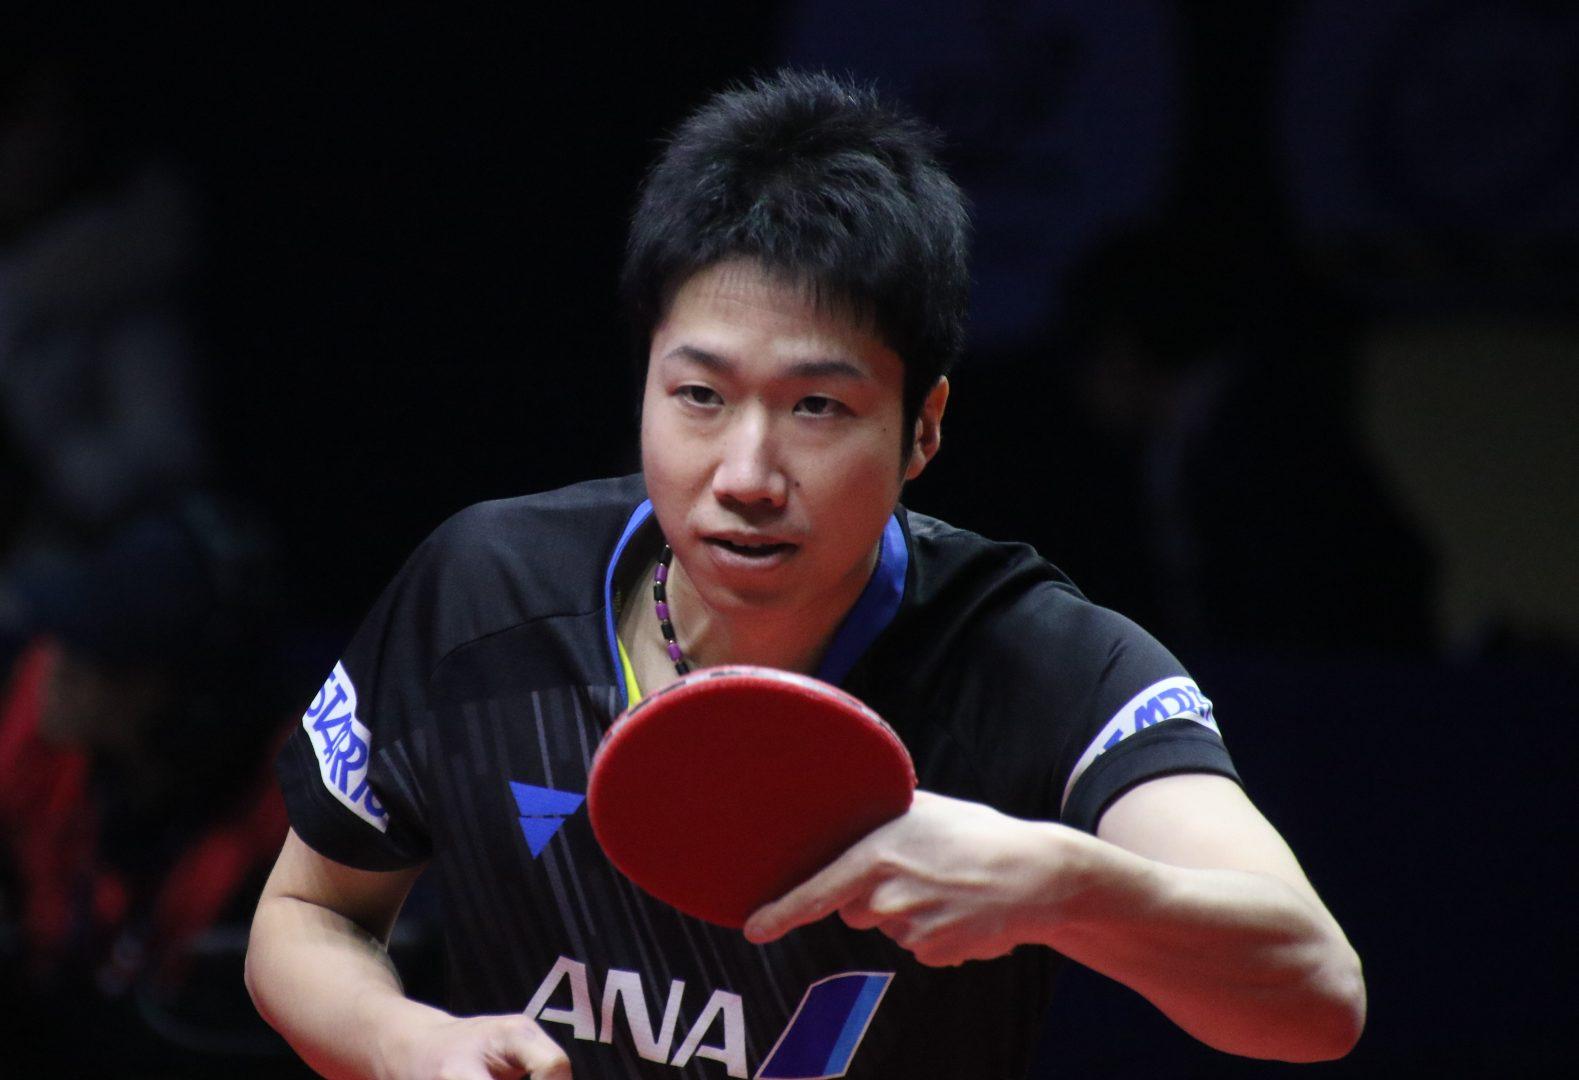 水谷隼が卓球東京五輪代表男子3人目 張本智和、丹羽孝希とともに団体金目指す